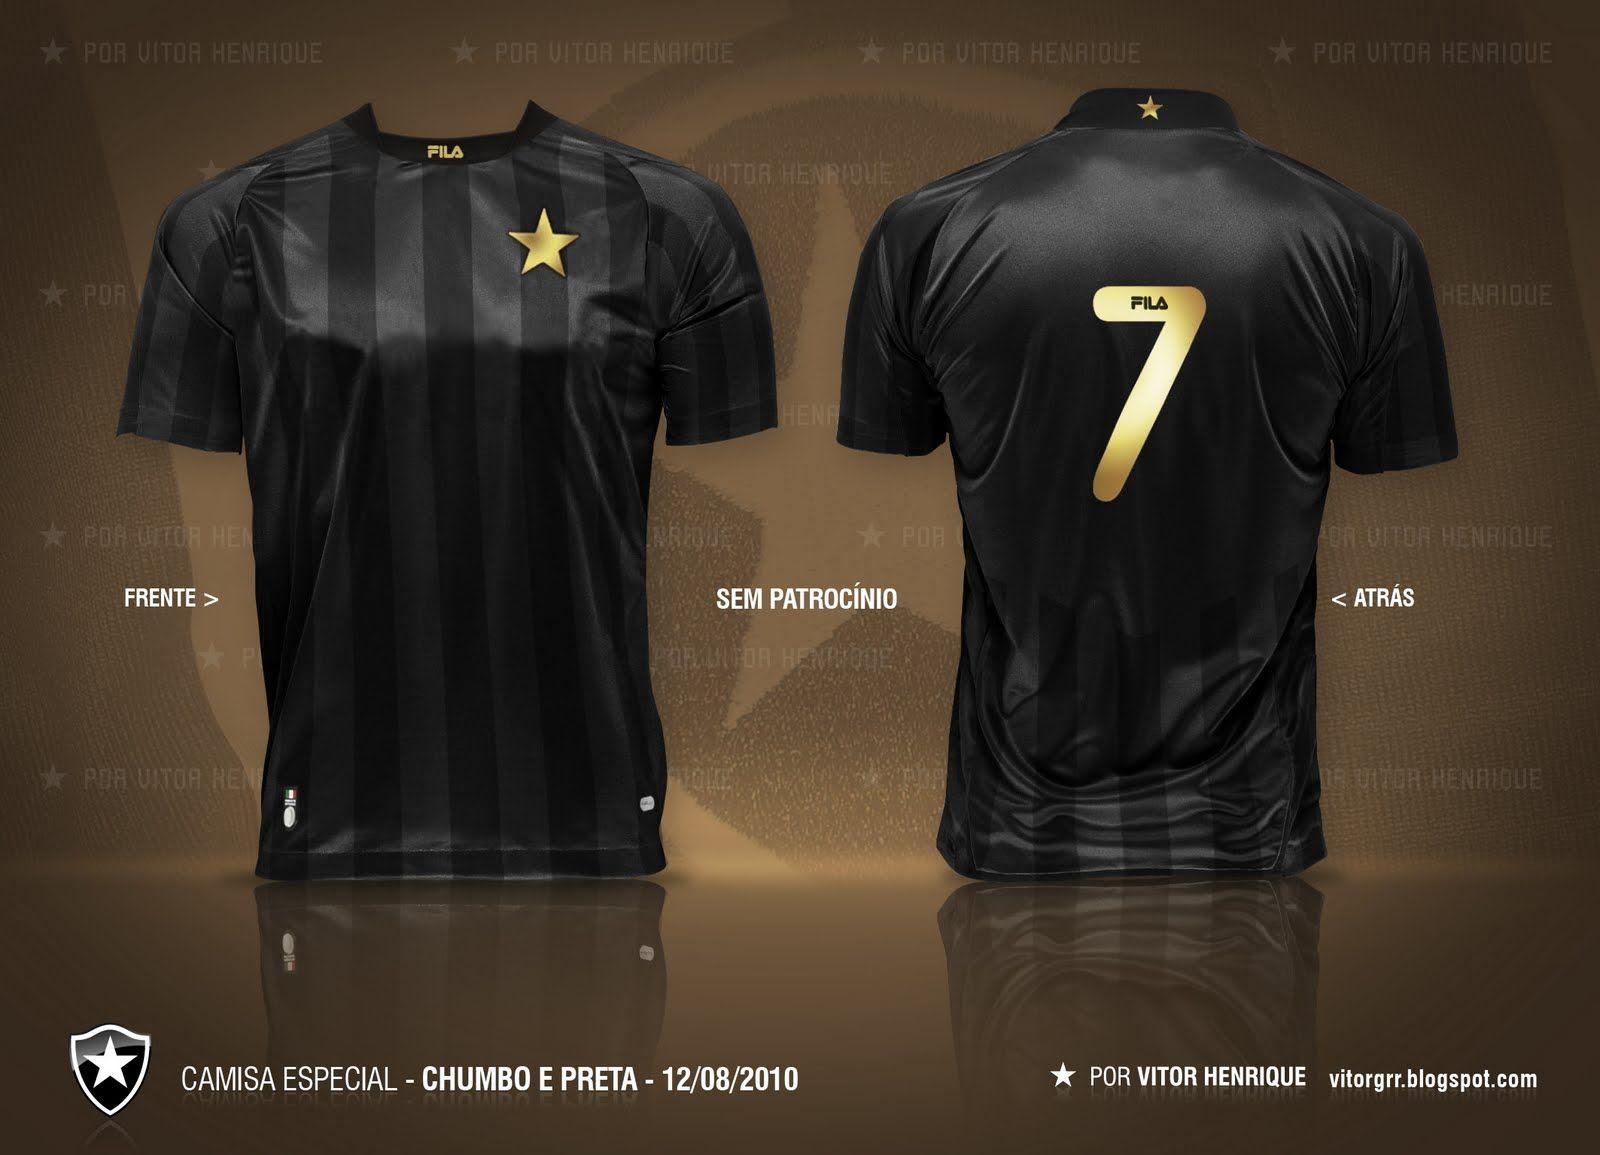 Botafogo Futebol e Regatas - Jersey Design created by a fan. Camisa Preta e  Chumbo 1959d971fd897